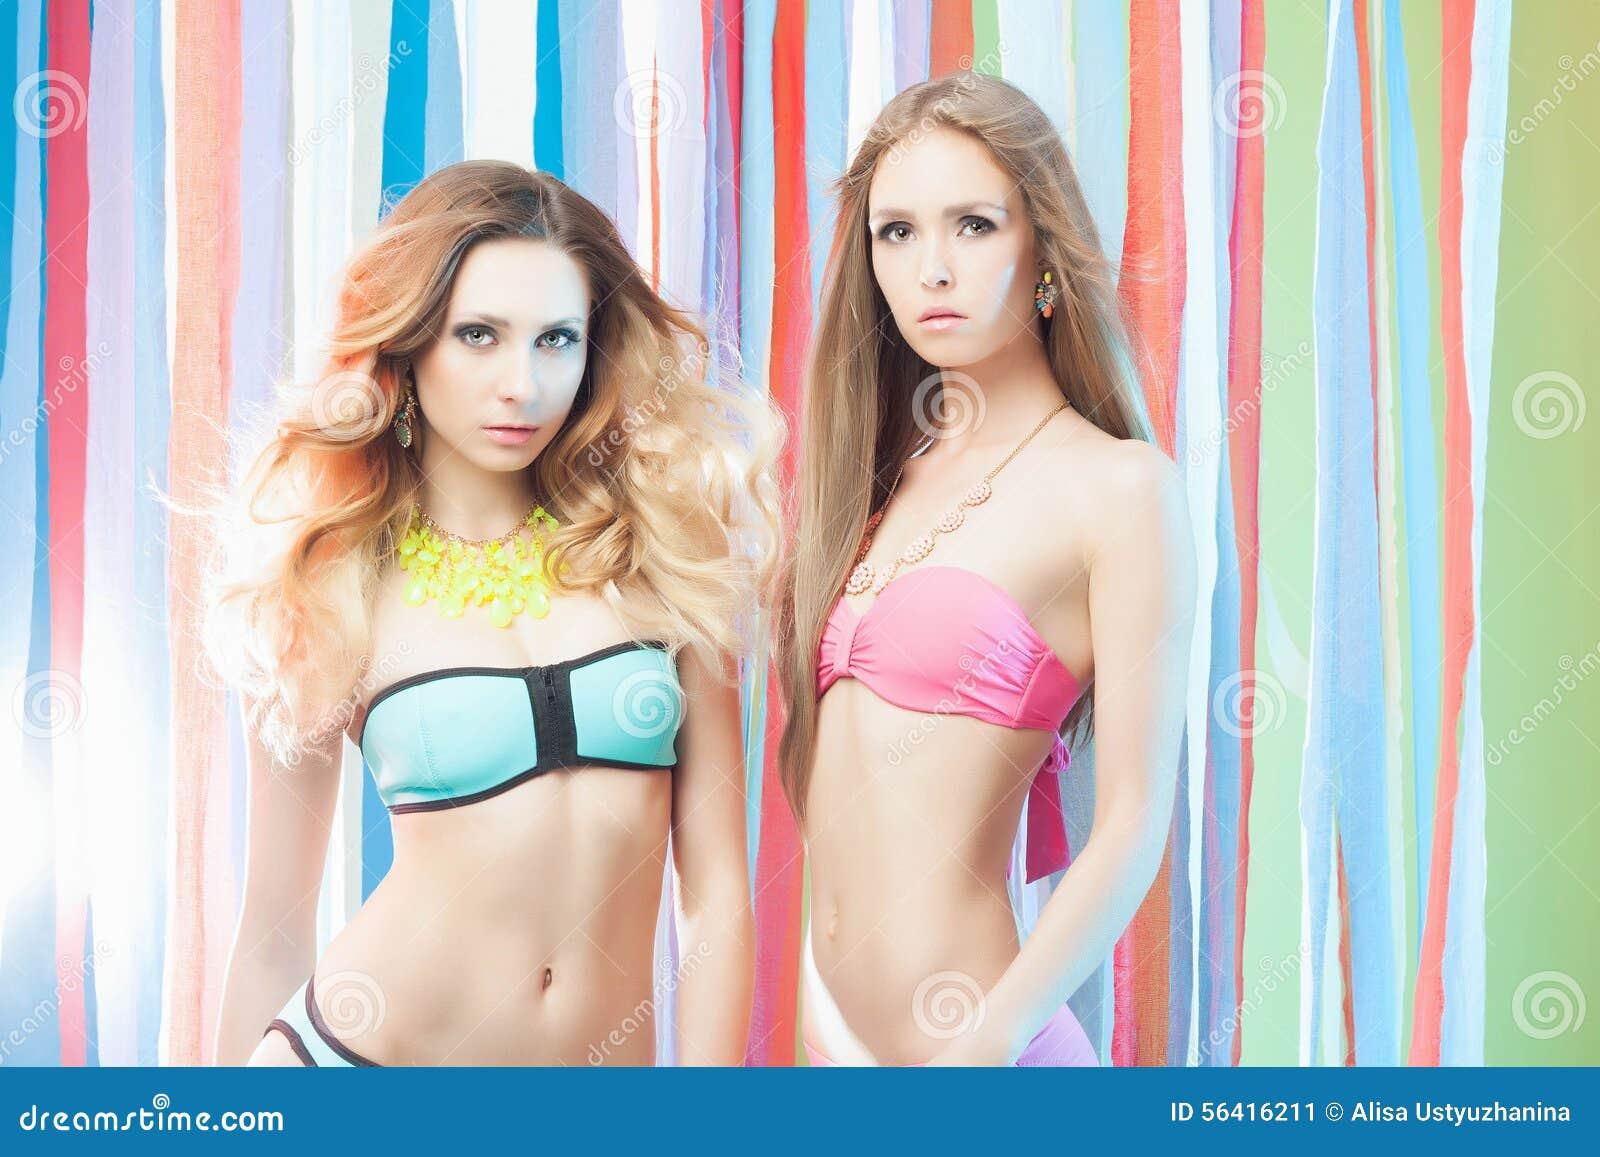 Couple Girls In Bikini Stock Photo